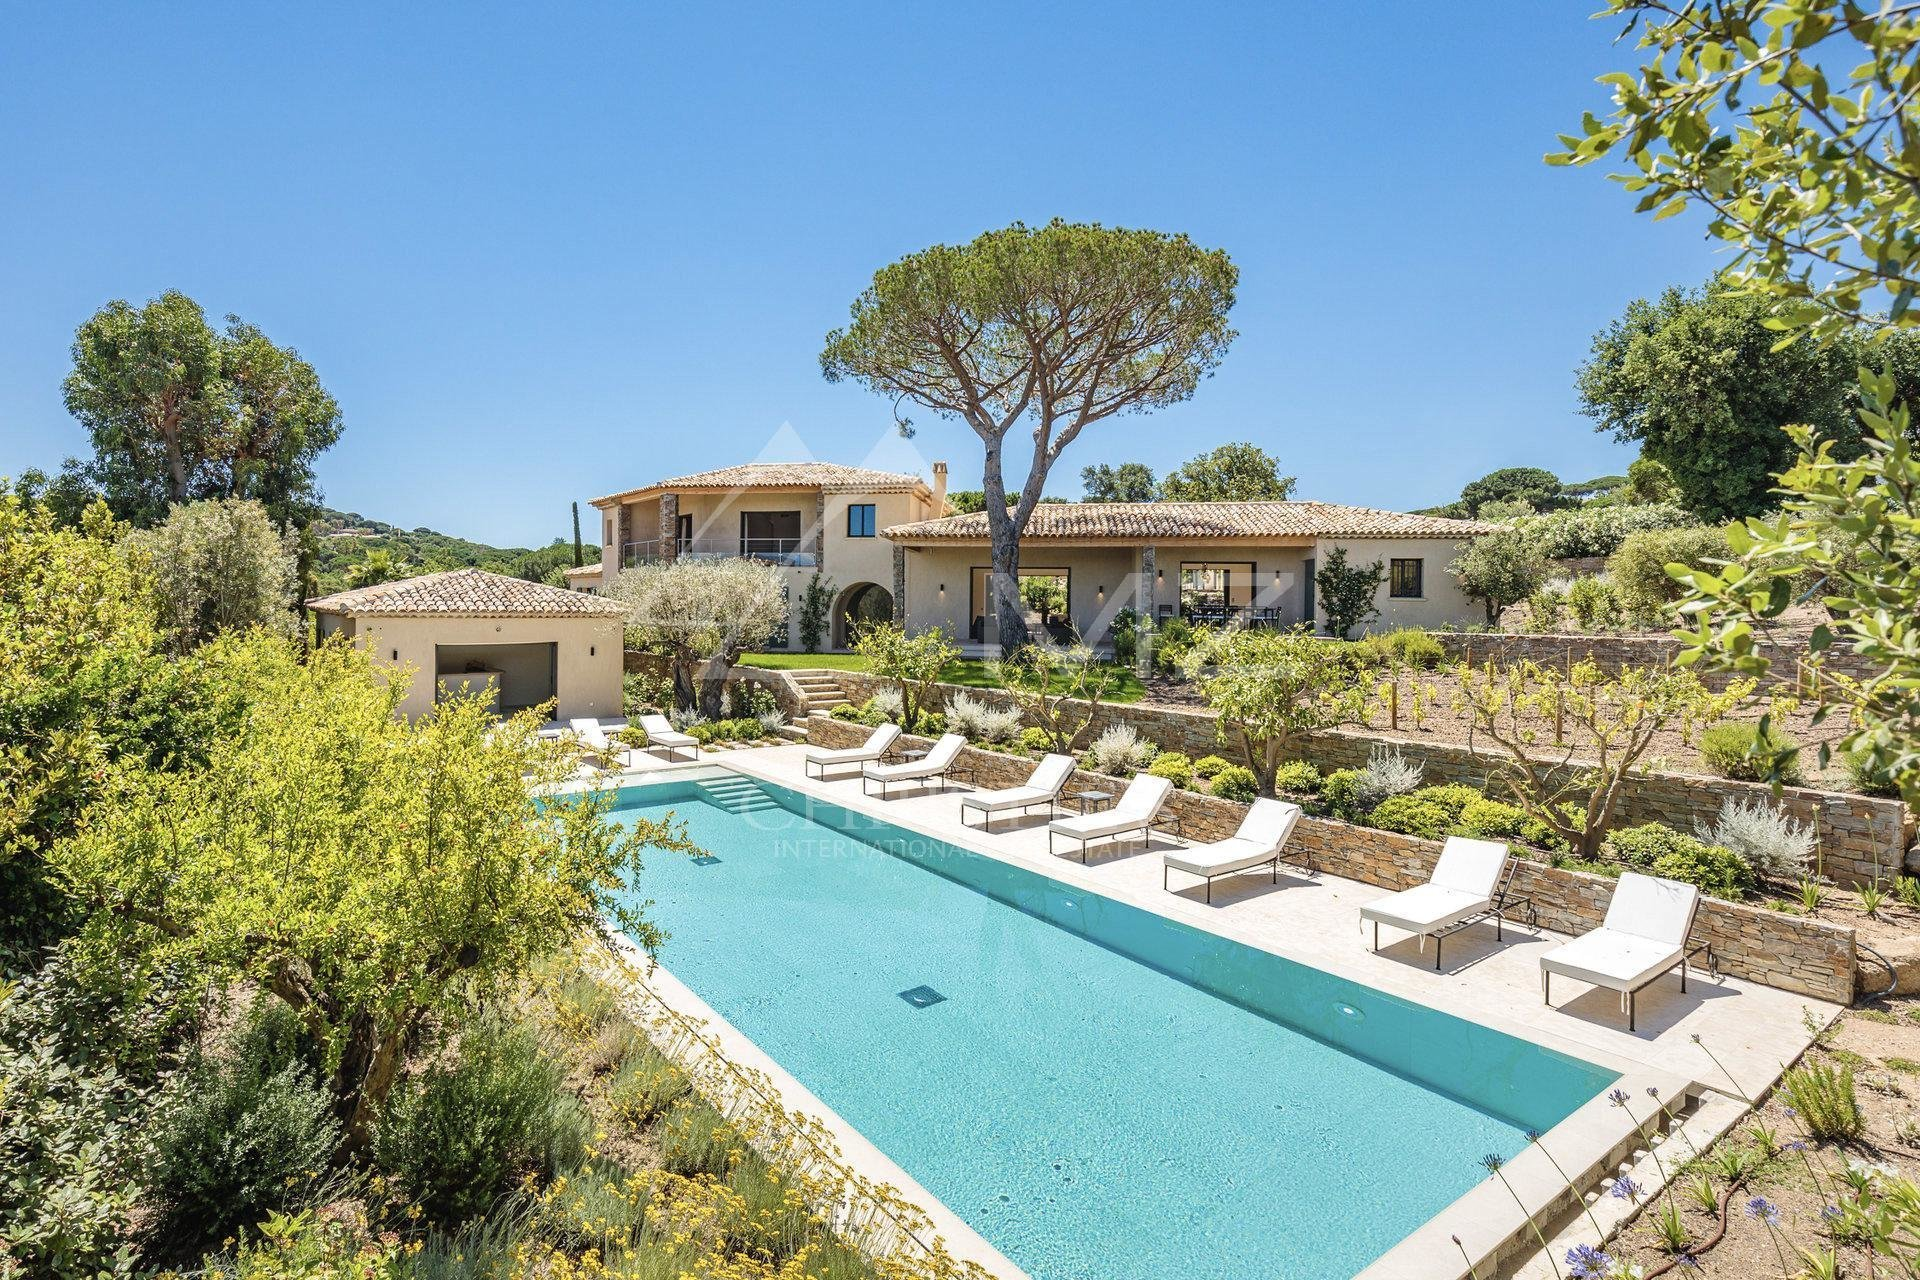 Villa in Saint-Tropez, Provence-Alpes-Côte d'Azur, France 1 - 11022425